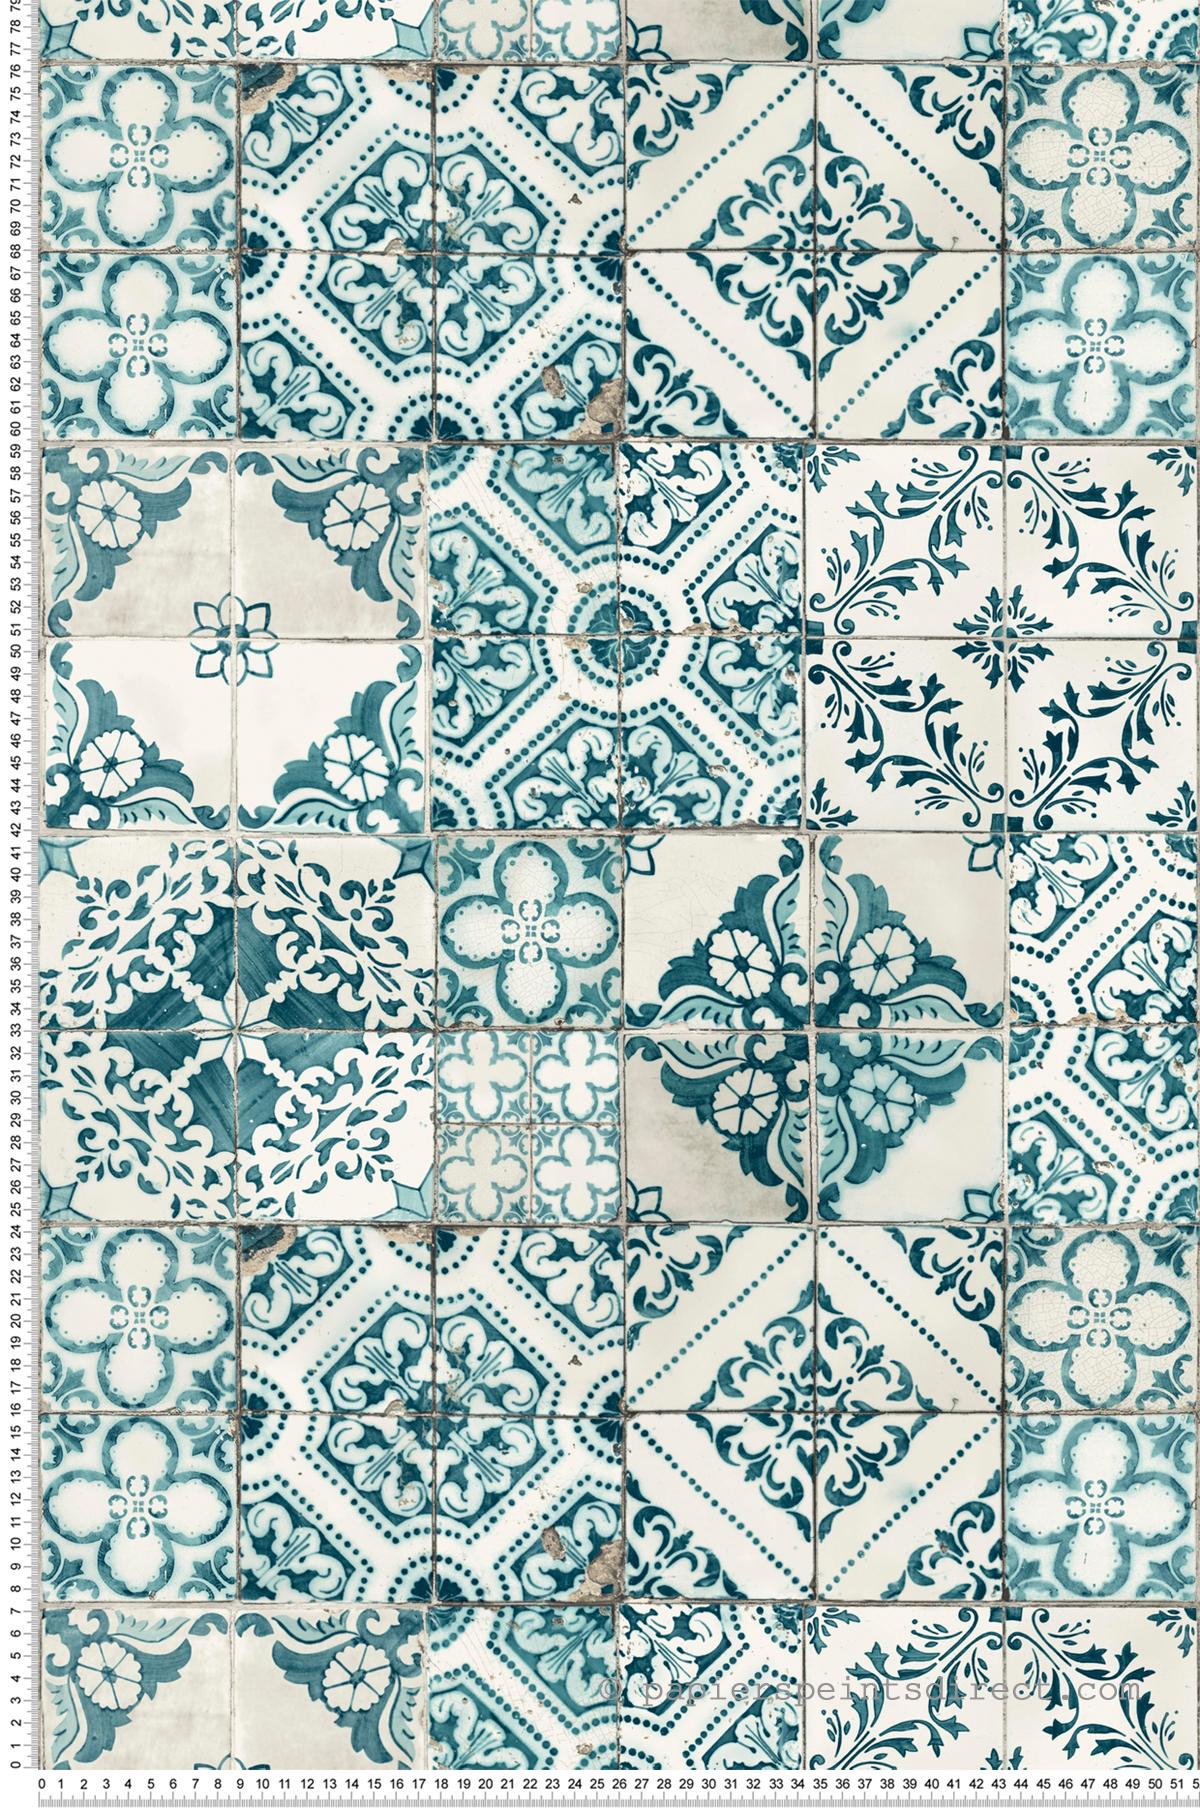 Papier peint Carreaux de ciment Azulejos bleu canard - Outdoors In d'Initiales | Réf. INI-ON1633